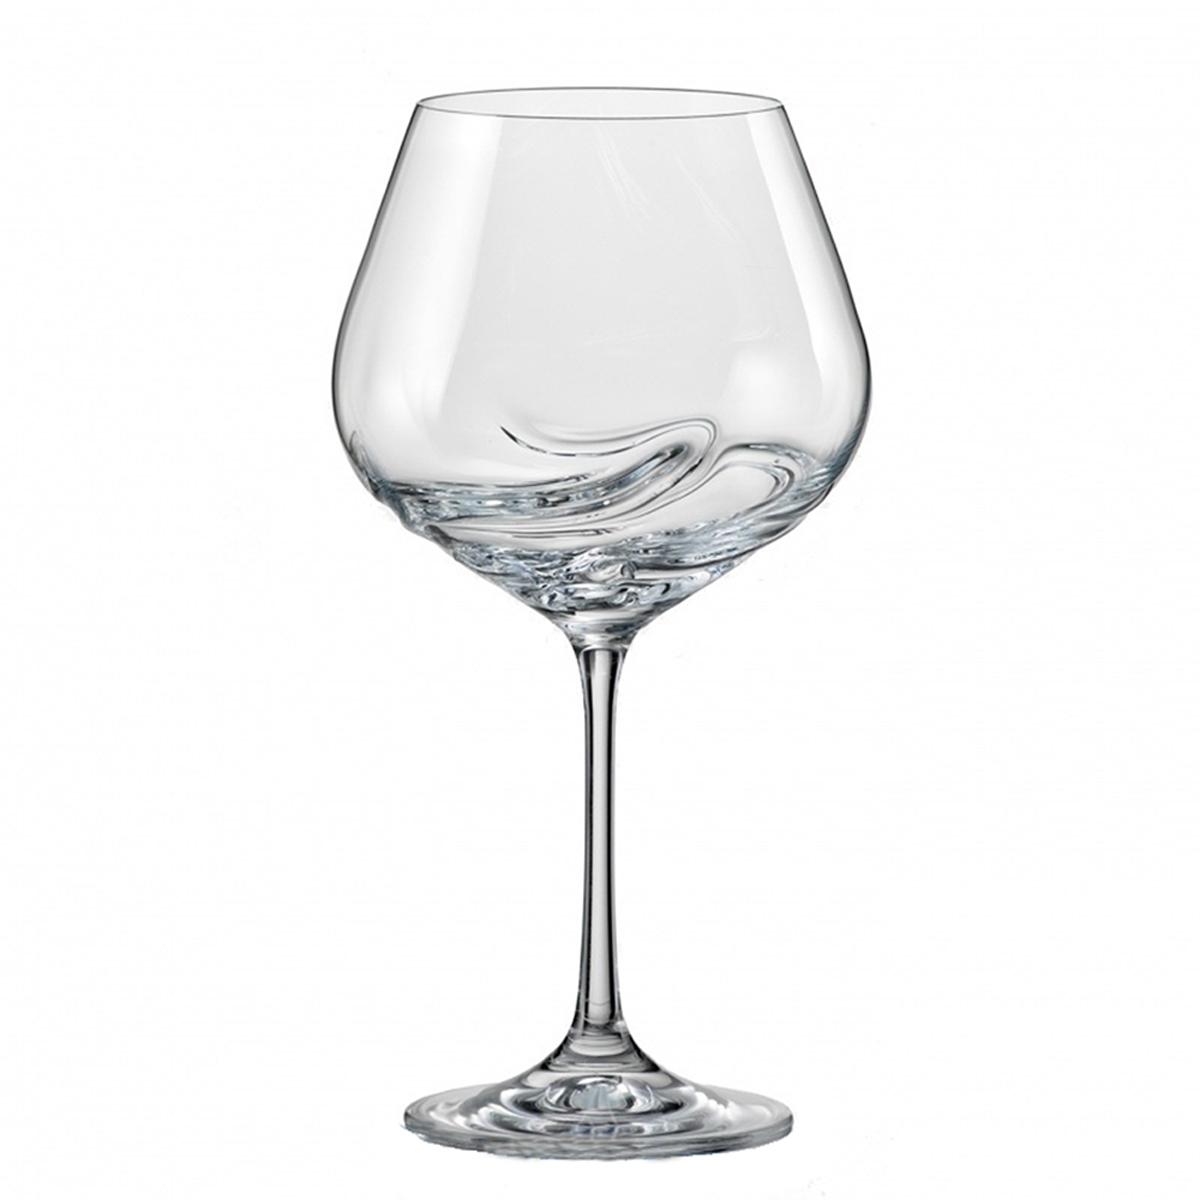 """Бокалы для вина Bohemia Crystal коллекции """"Турбуленция"""" украсят праздничный стол и создадут приятную атмосферу праздника. Они обладают привлекательным внешним видом, а материалом их изготовления является высококачественное хрустальное стекло. Кроме того, данный набор отлично подойдет в качестве оригинального подарка вашим родным и близким. Объем бокала 570 мл. Количество в упаковке 2 шт.На стенках бокалов имеются спирали, которые получаются специальным методом выдува стекла. Спираль одновременно функциональный и украшающий элемент, который ускоряет процесс оксигенации вина и выделения аромата. Благодаря этому, вино не требует часового отстаивания в декантере, достаточно всего несколько секундного вращения в бокале."""